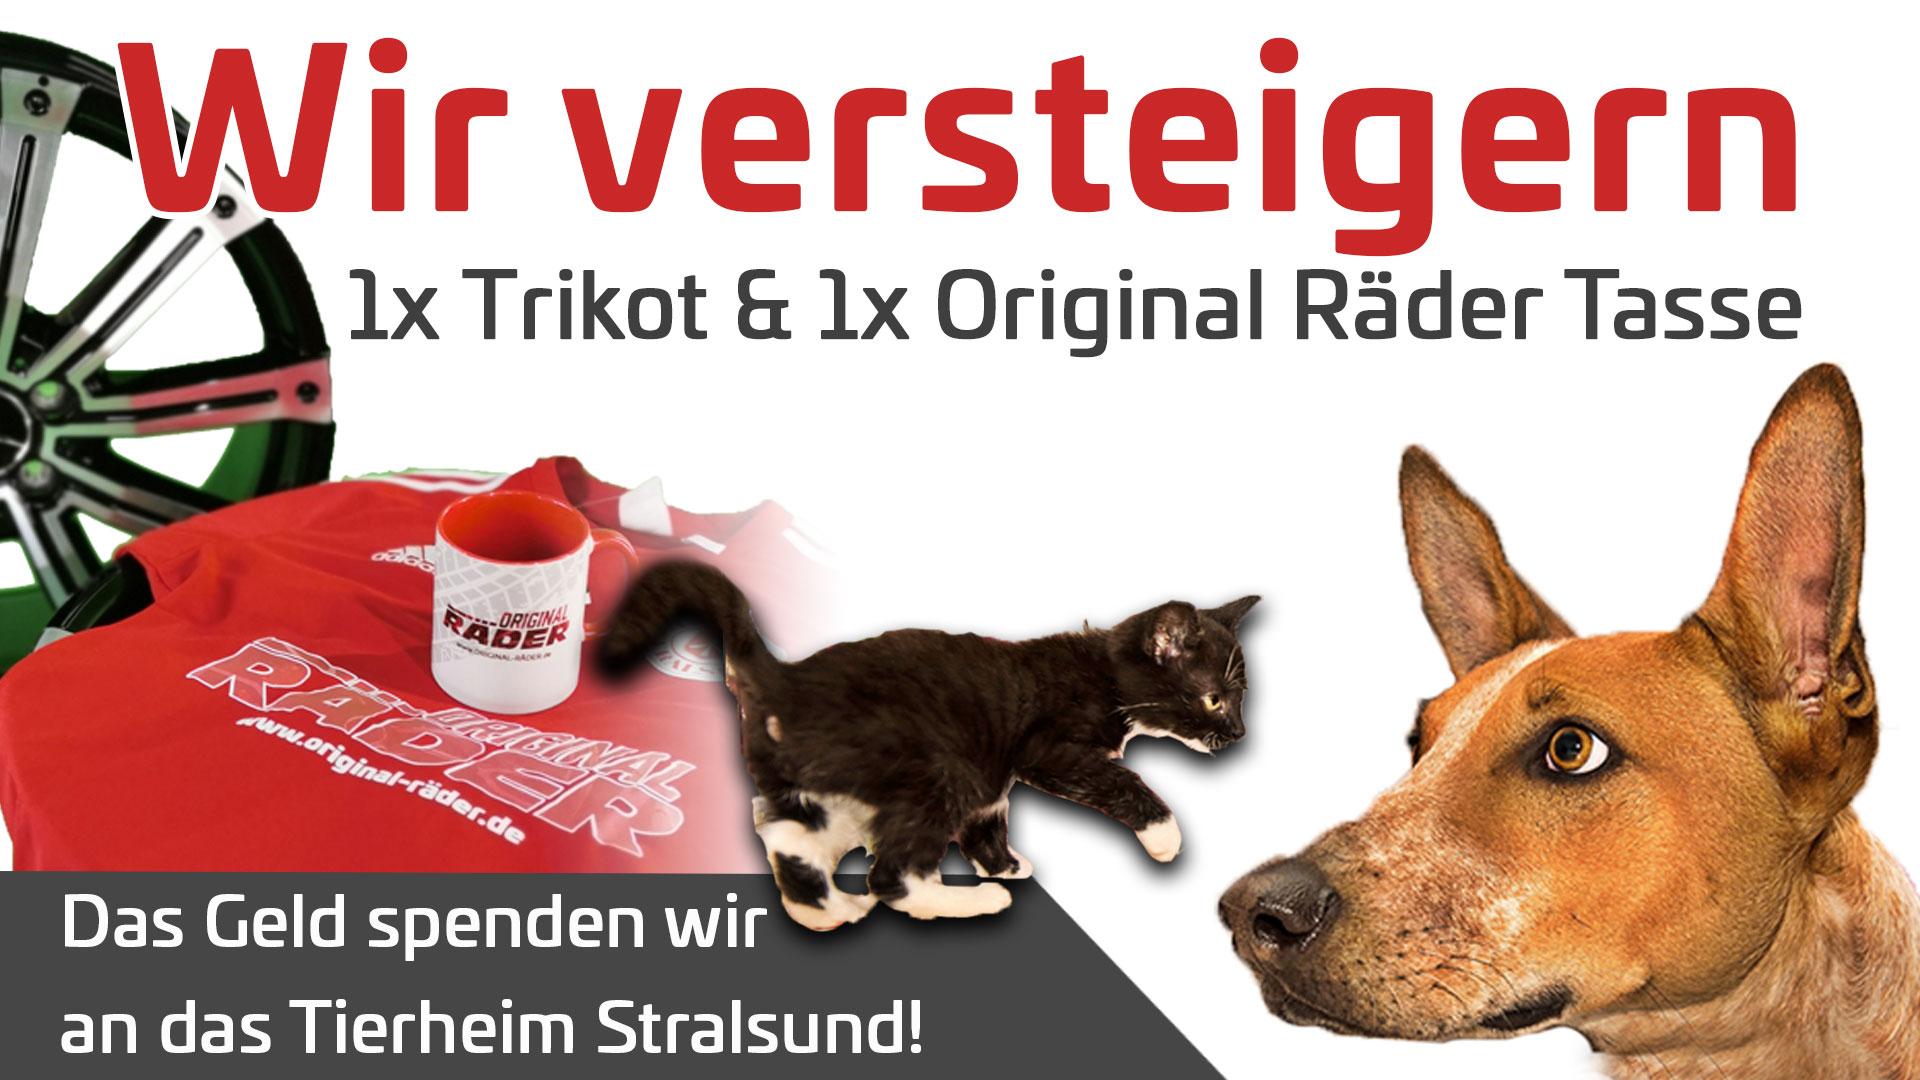 Versteigerung für das Tierheim Stralsund